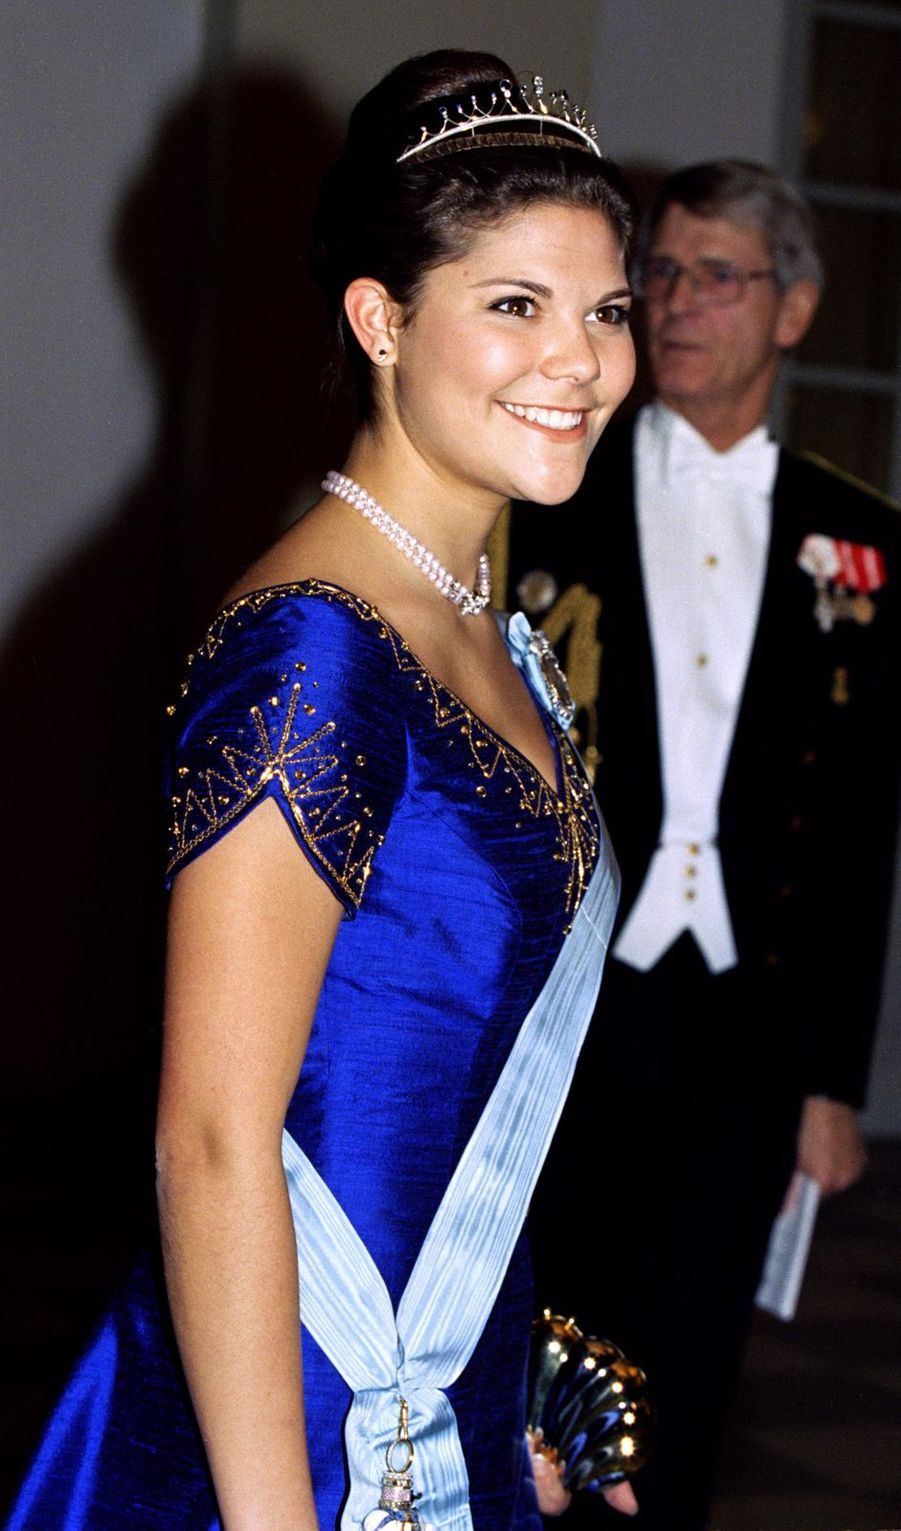 La princesse héritière Victoria de Suède, à Copenhague le 17 novembre 1995